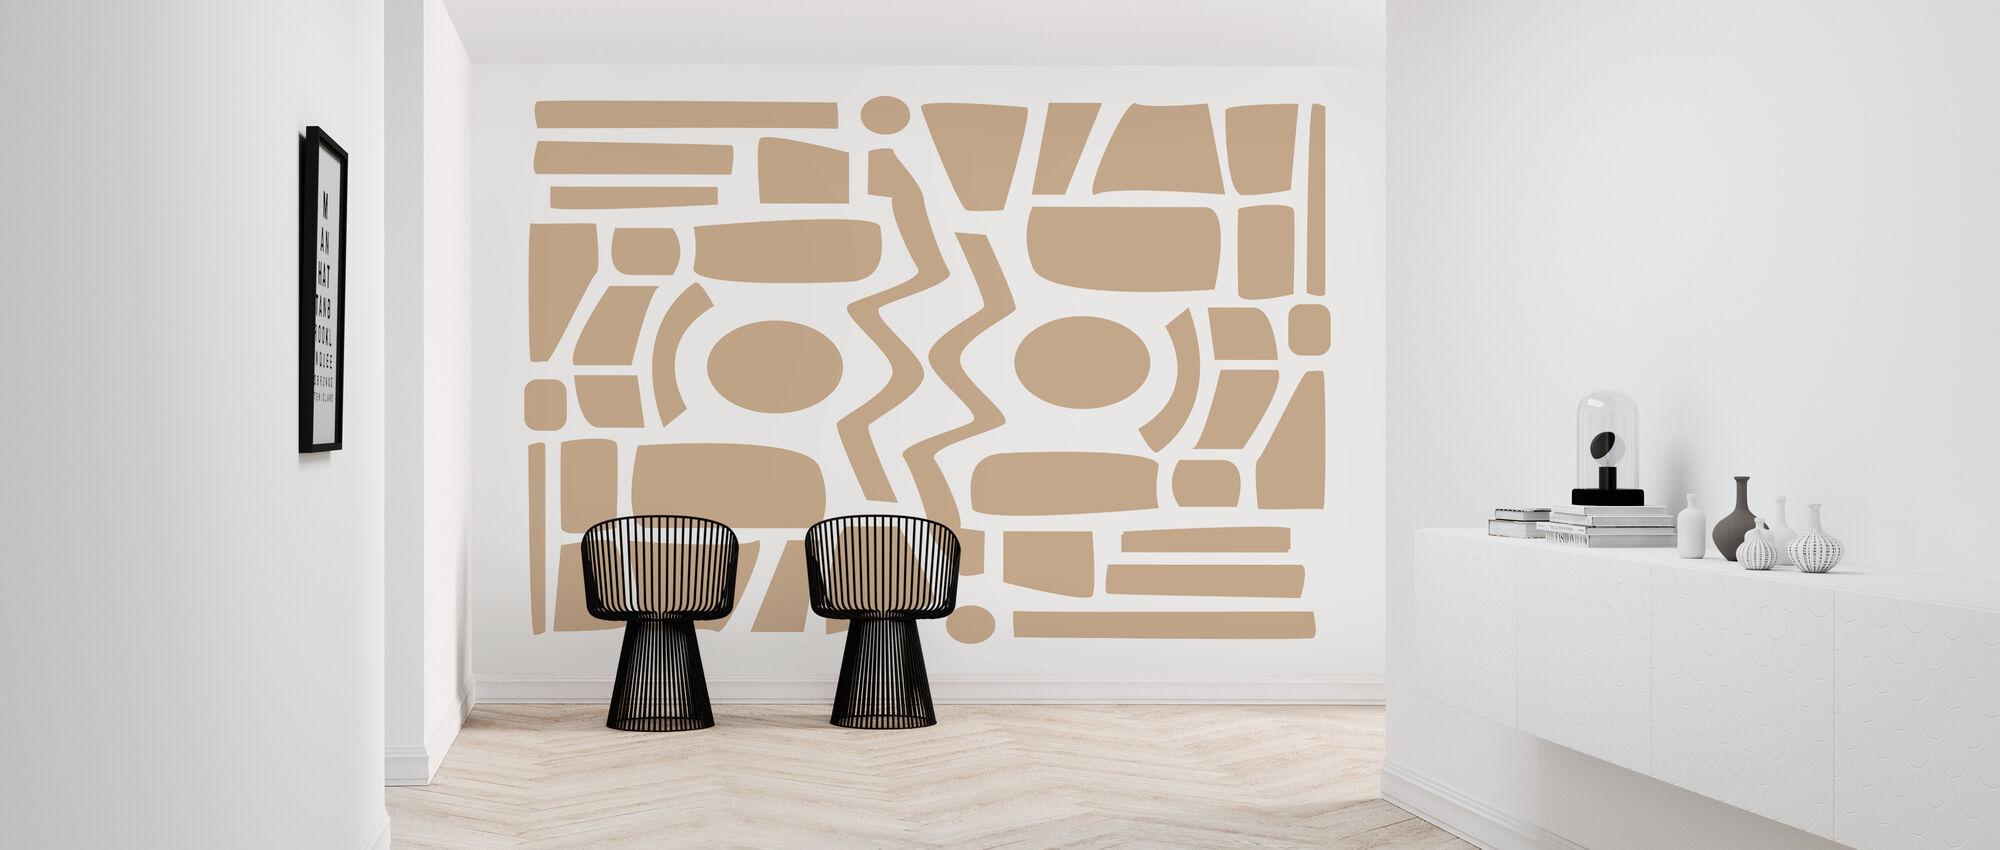 Aztec - Wallpaper - Hallway